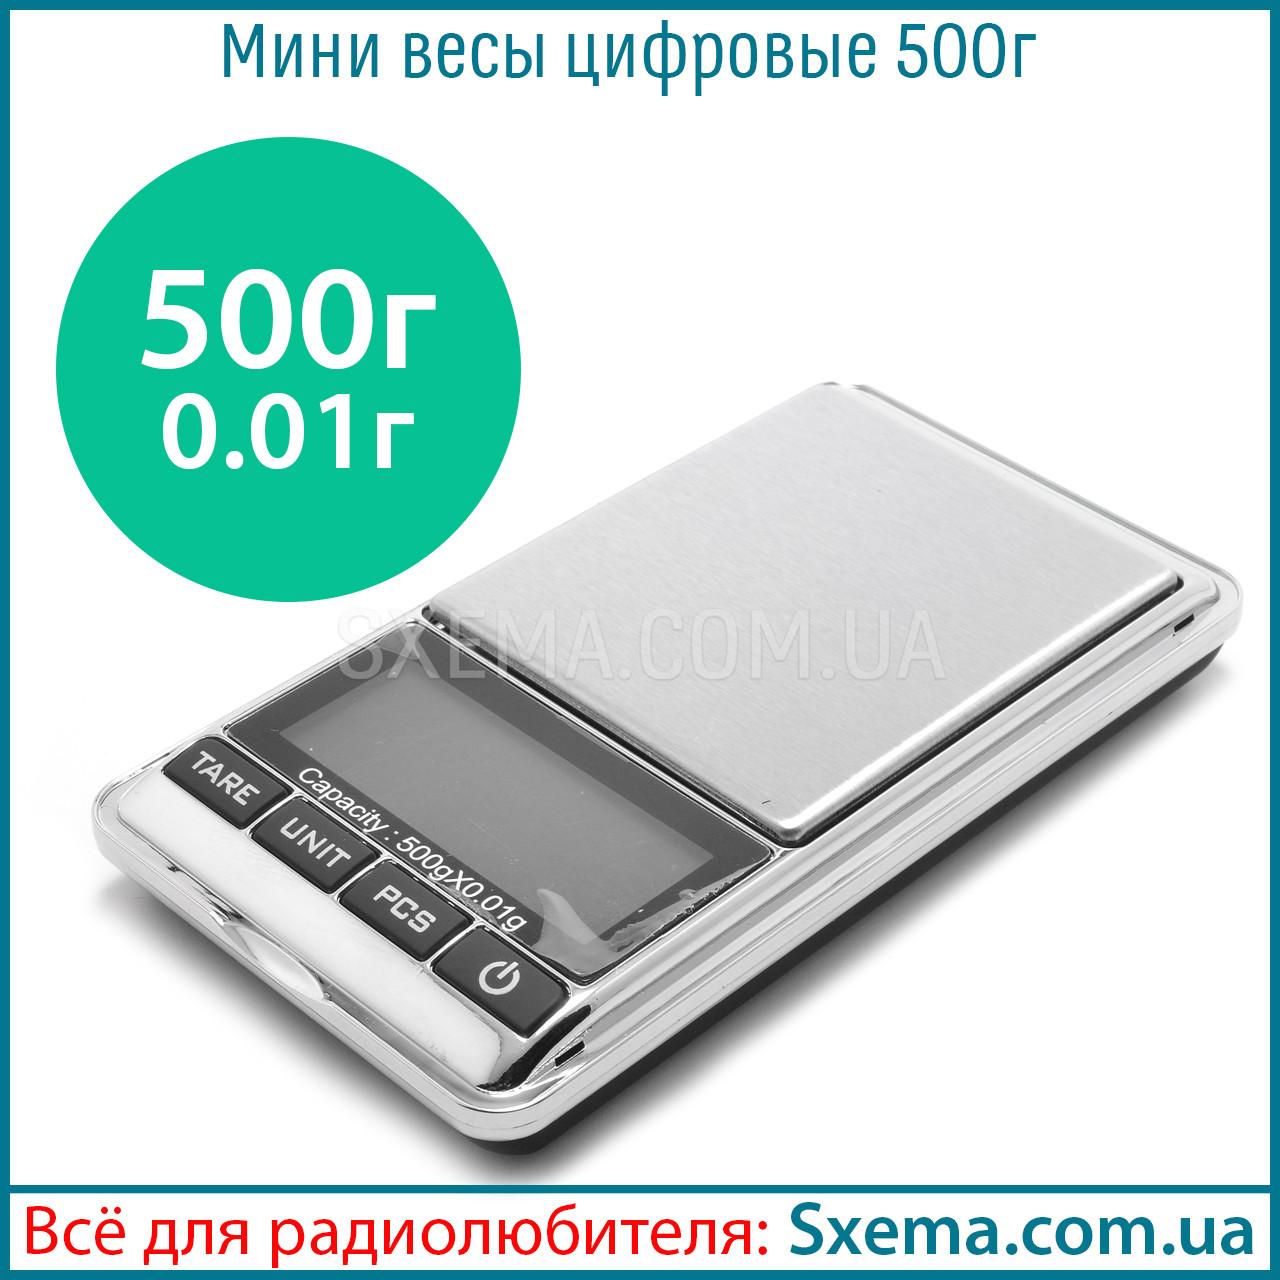 Весы ювелирные высокоточные 0.01г до 500г с подсветкой, карманные